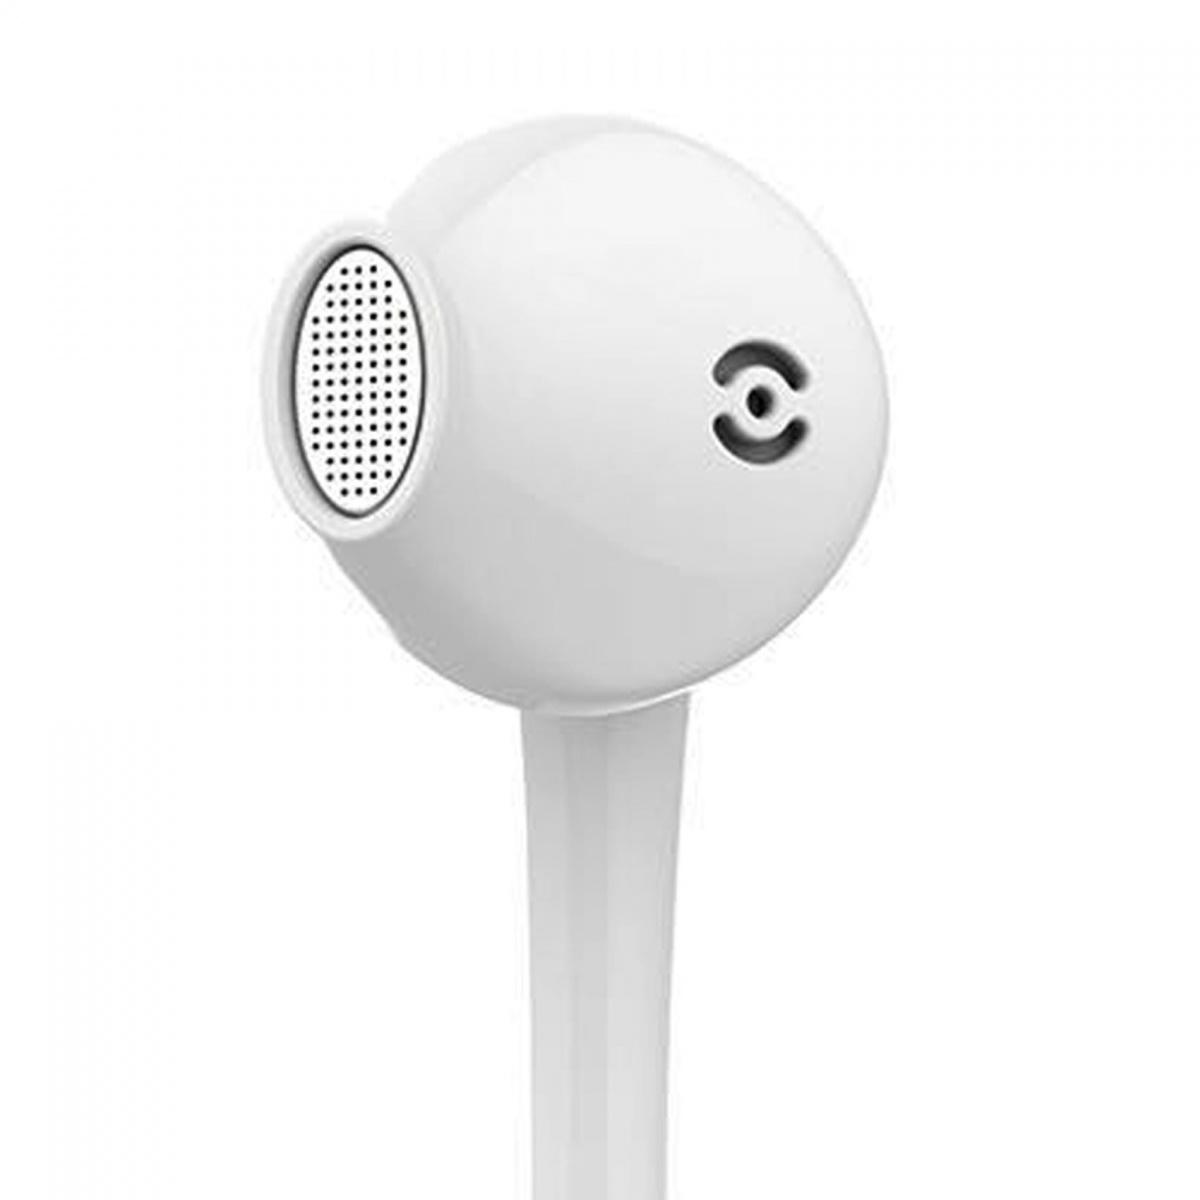 Vidvie HS623 Wired Headset - White